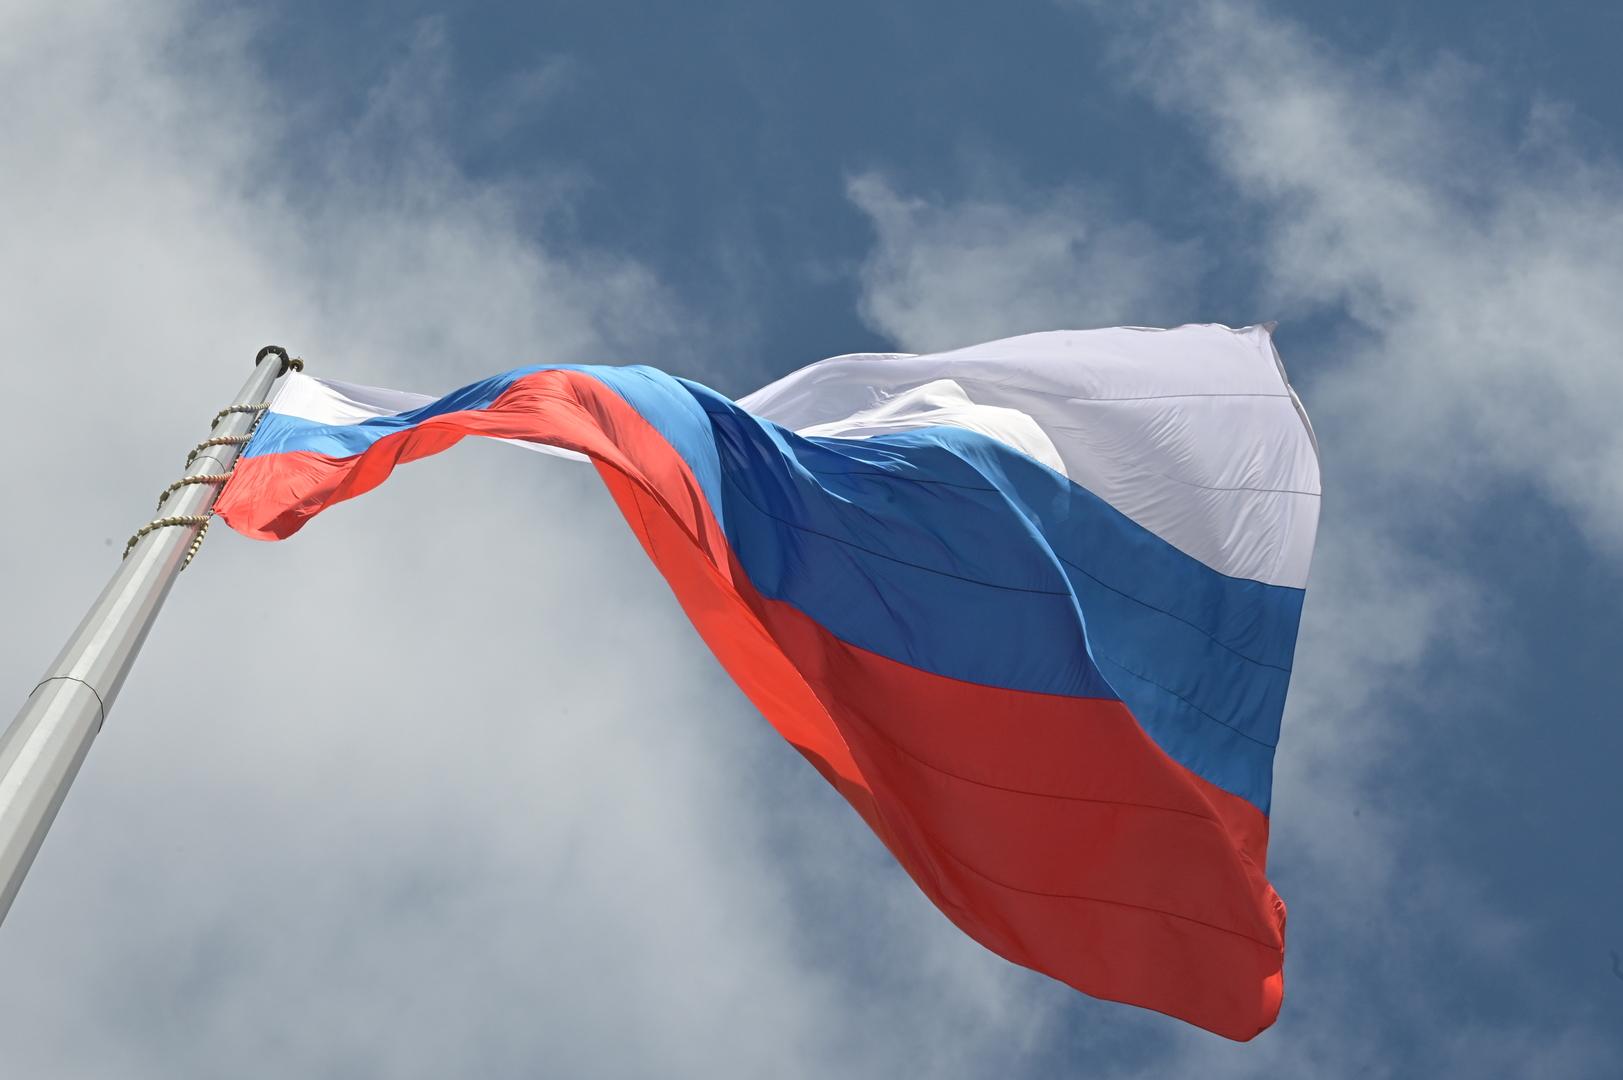 السفارة الروسية في الخرطوم تعزز إجراءاتها الأمنية بعد محاولة الانقلاب